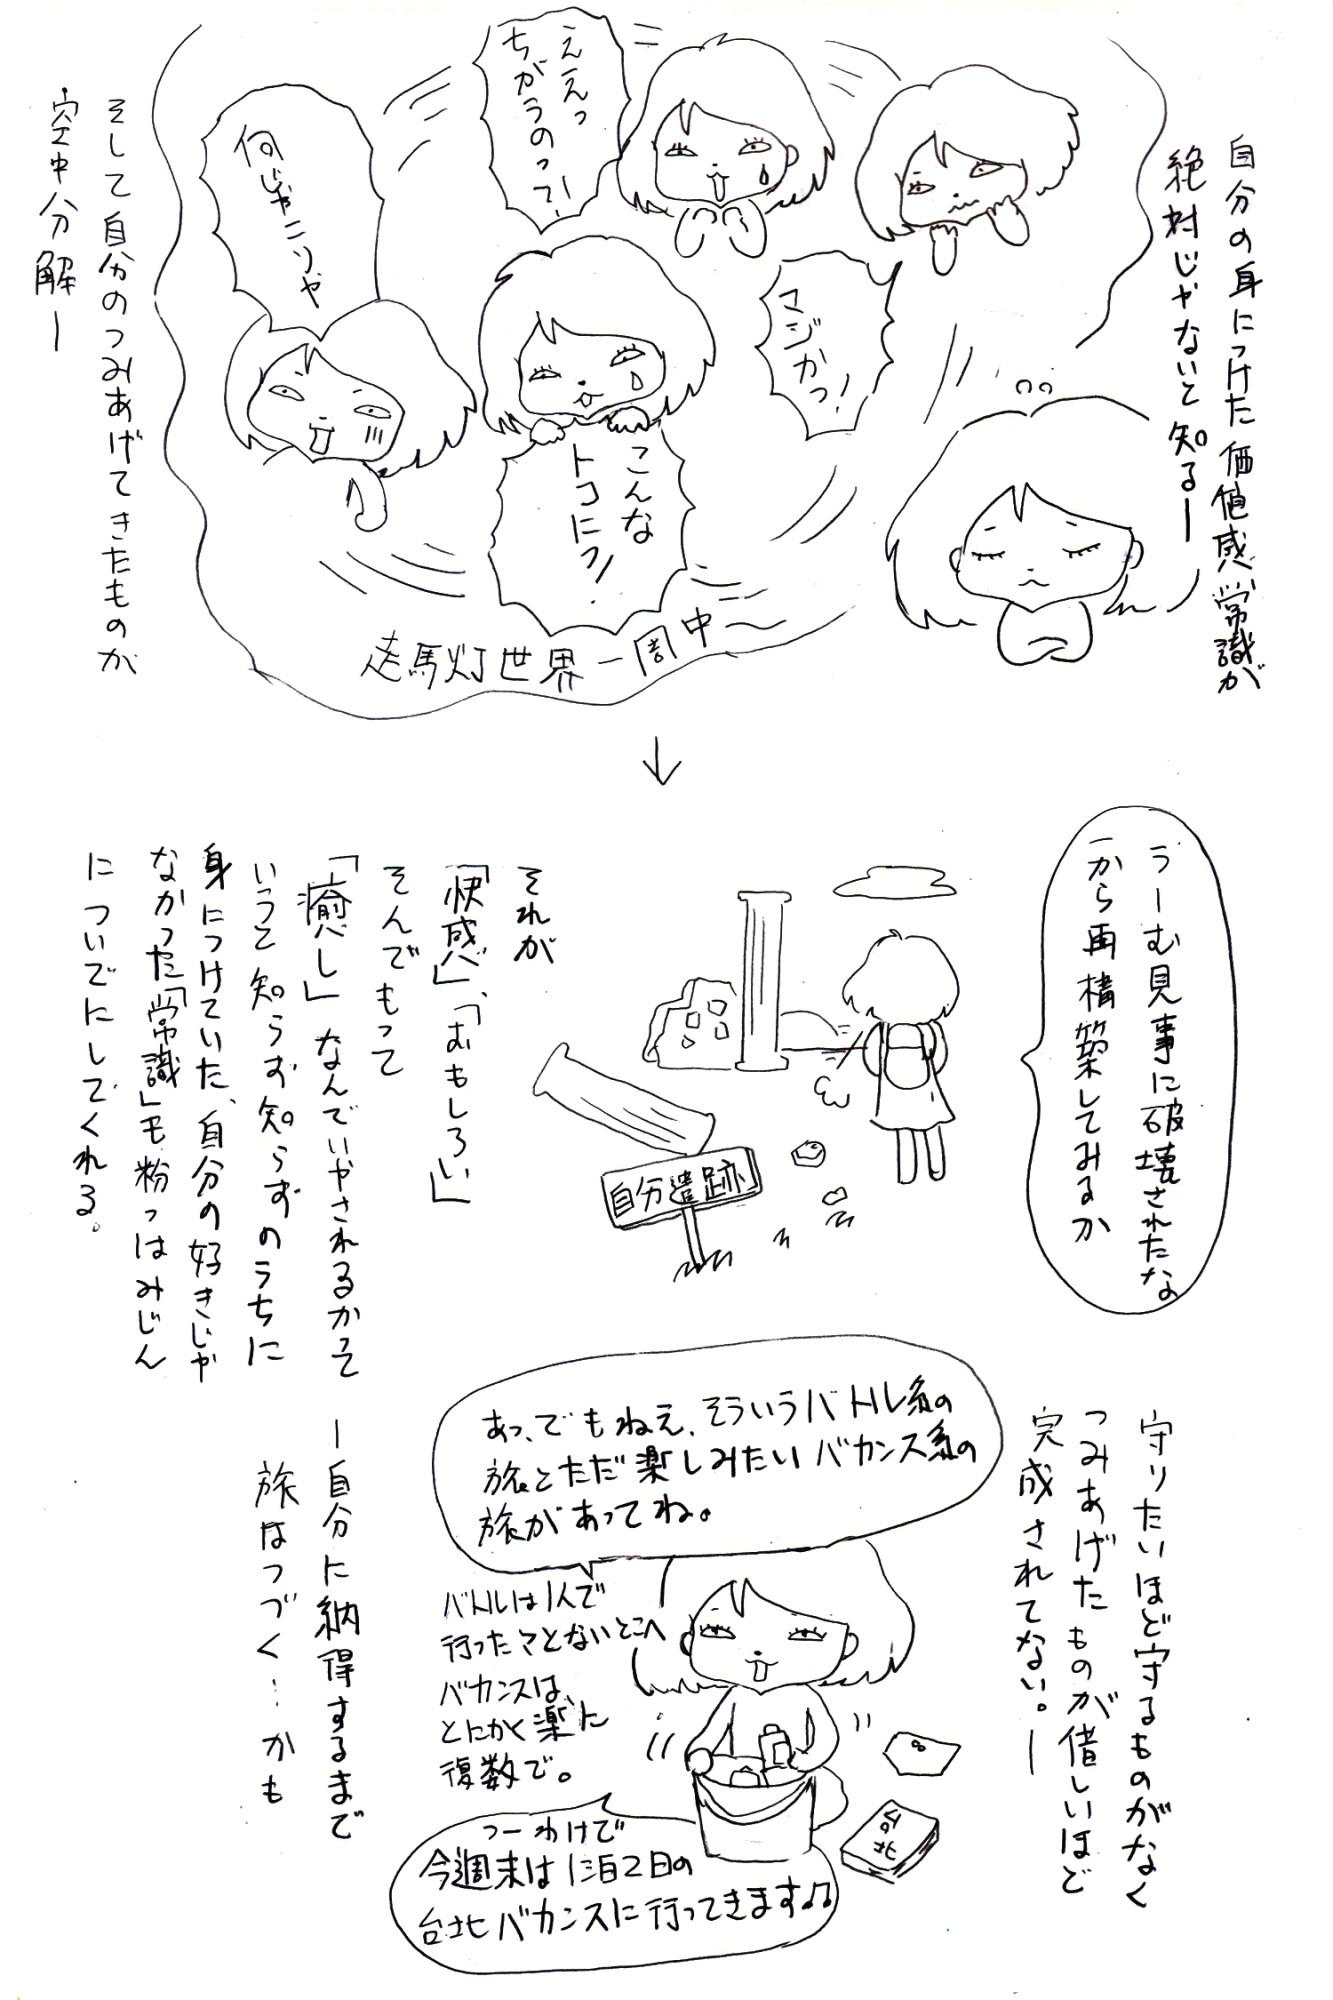 イメージ (111)